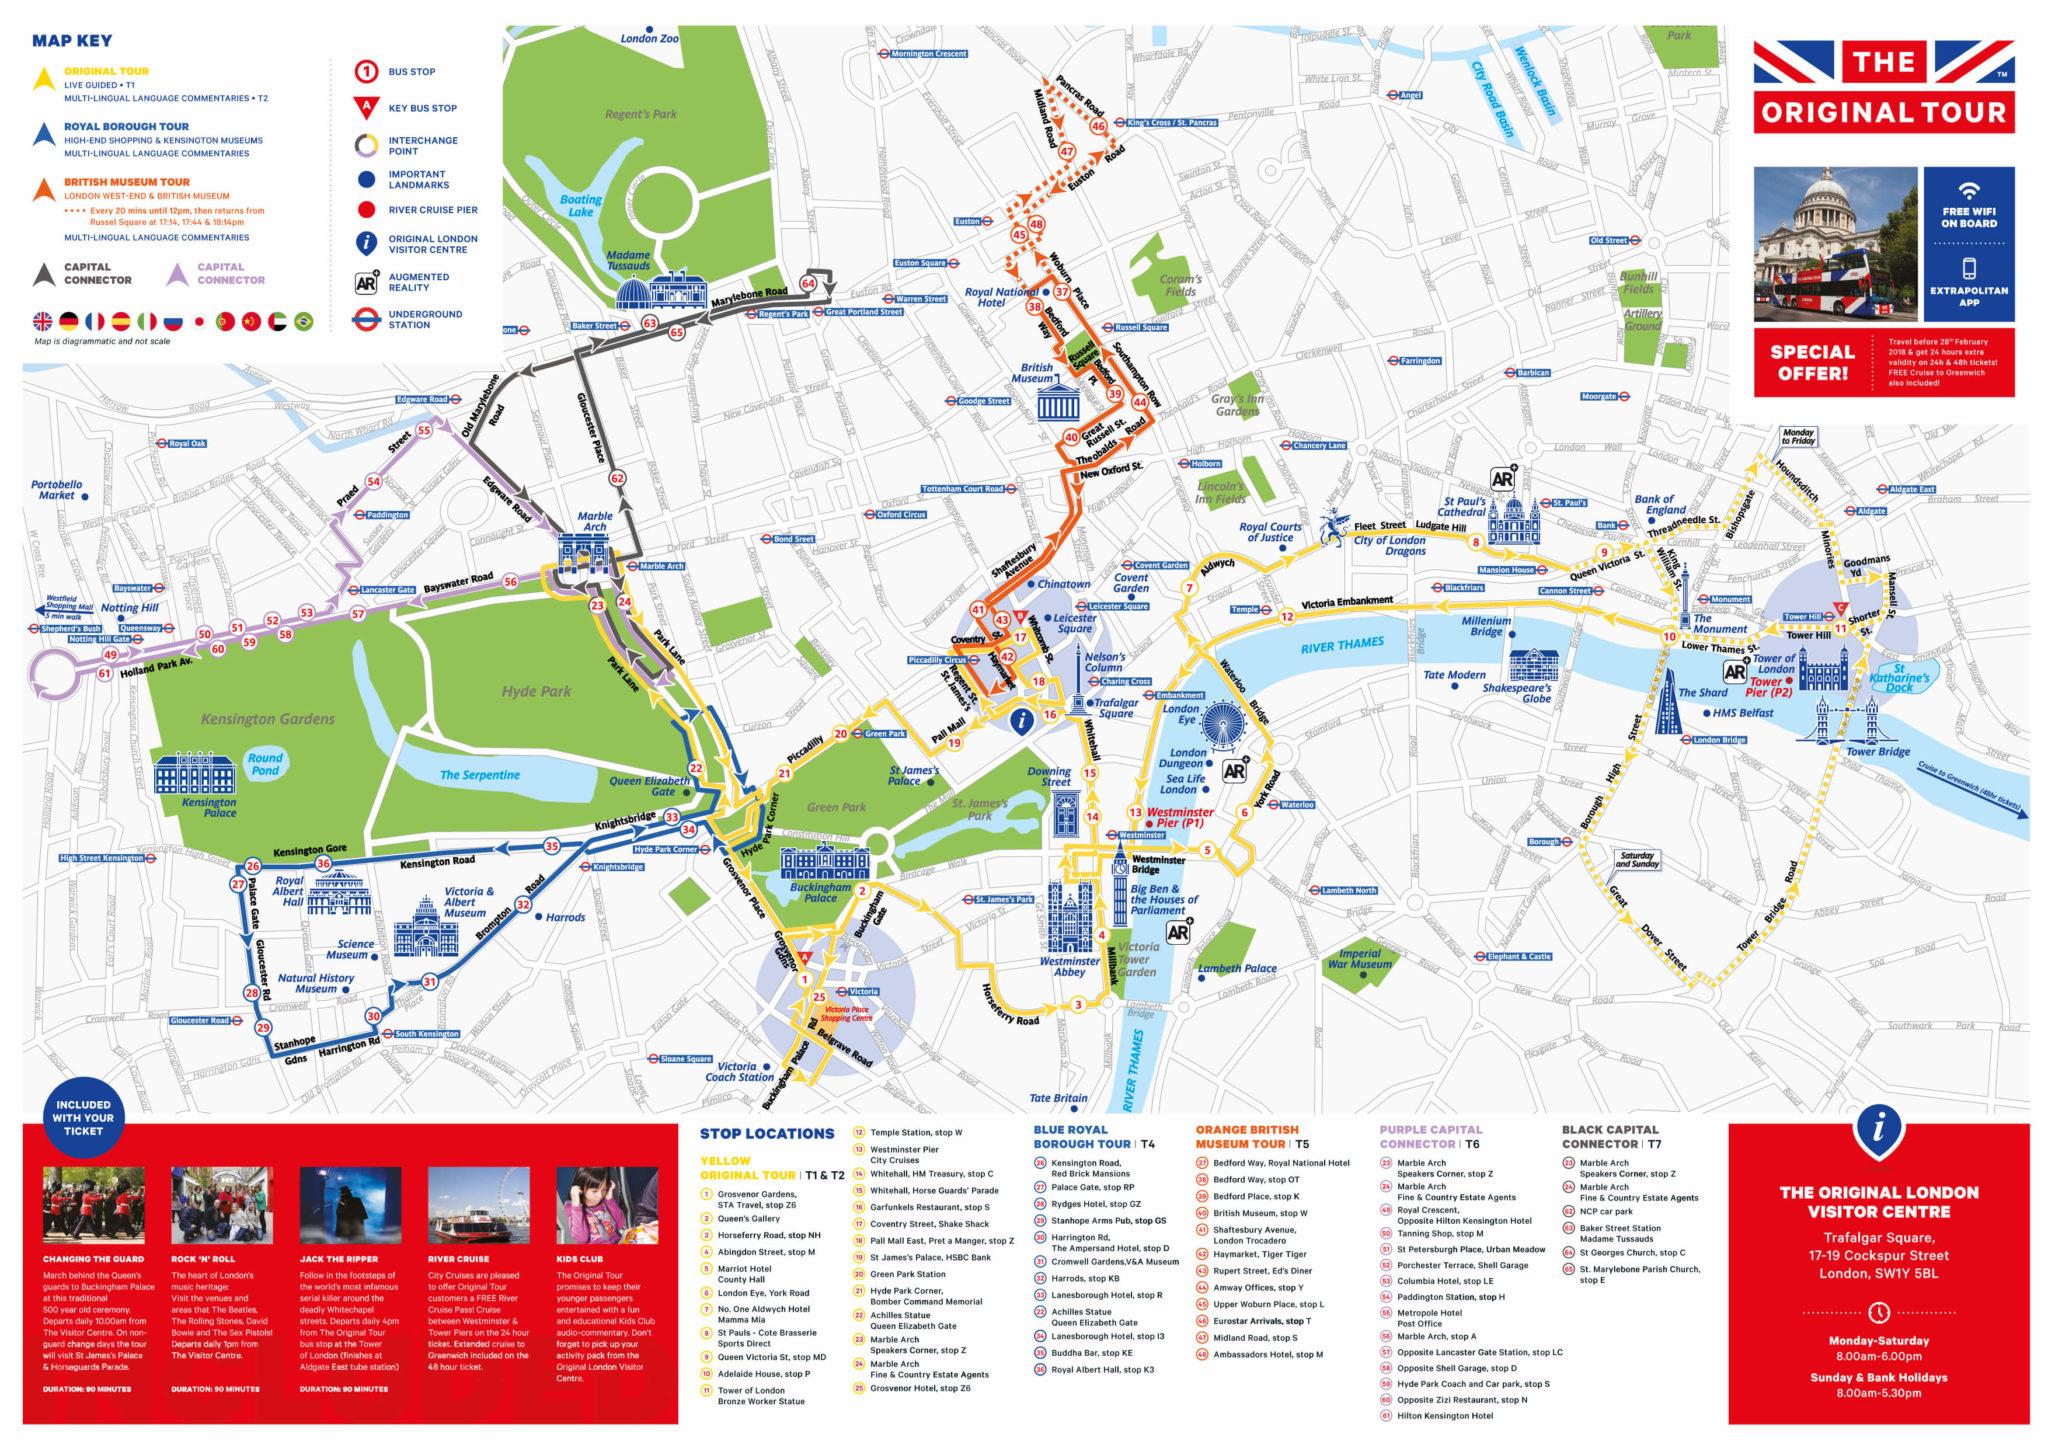 the-original-tour-map